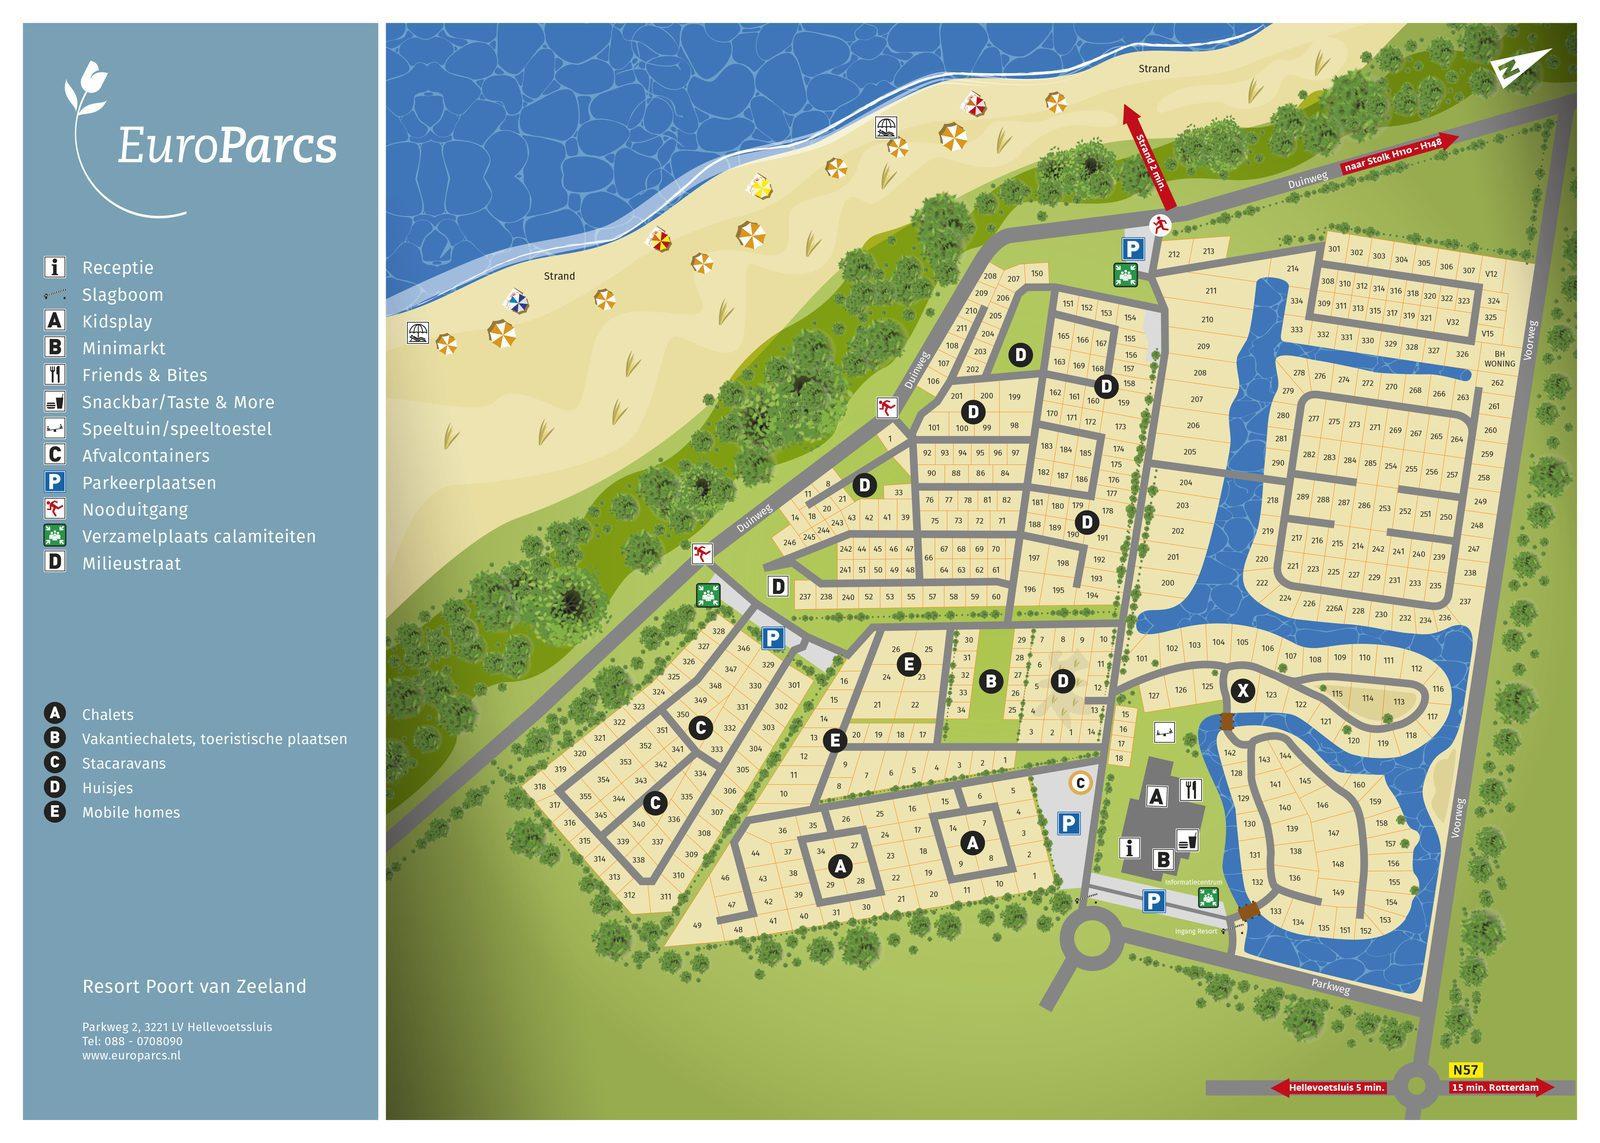 EuroParcs Resort Poort van Zeeland